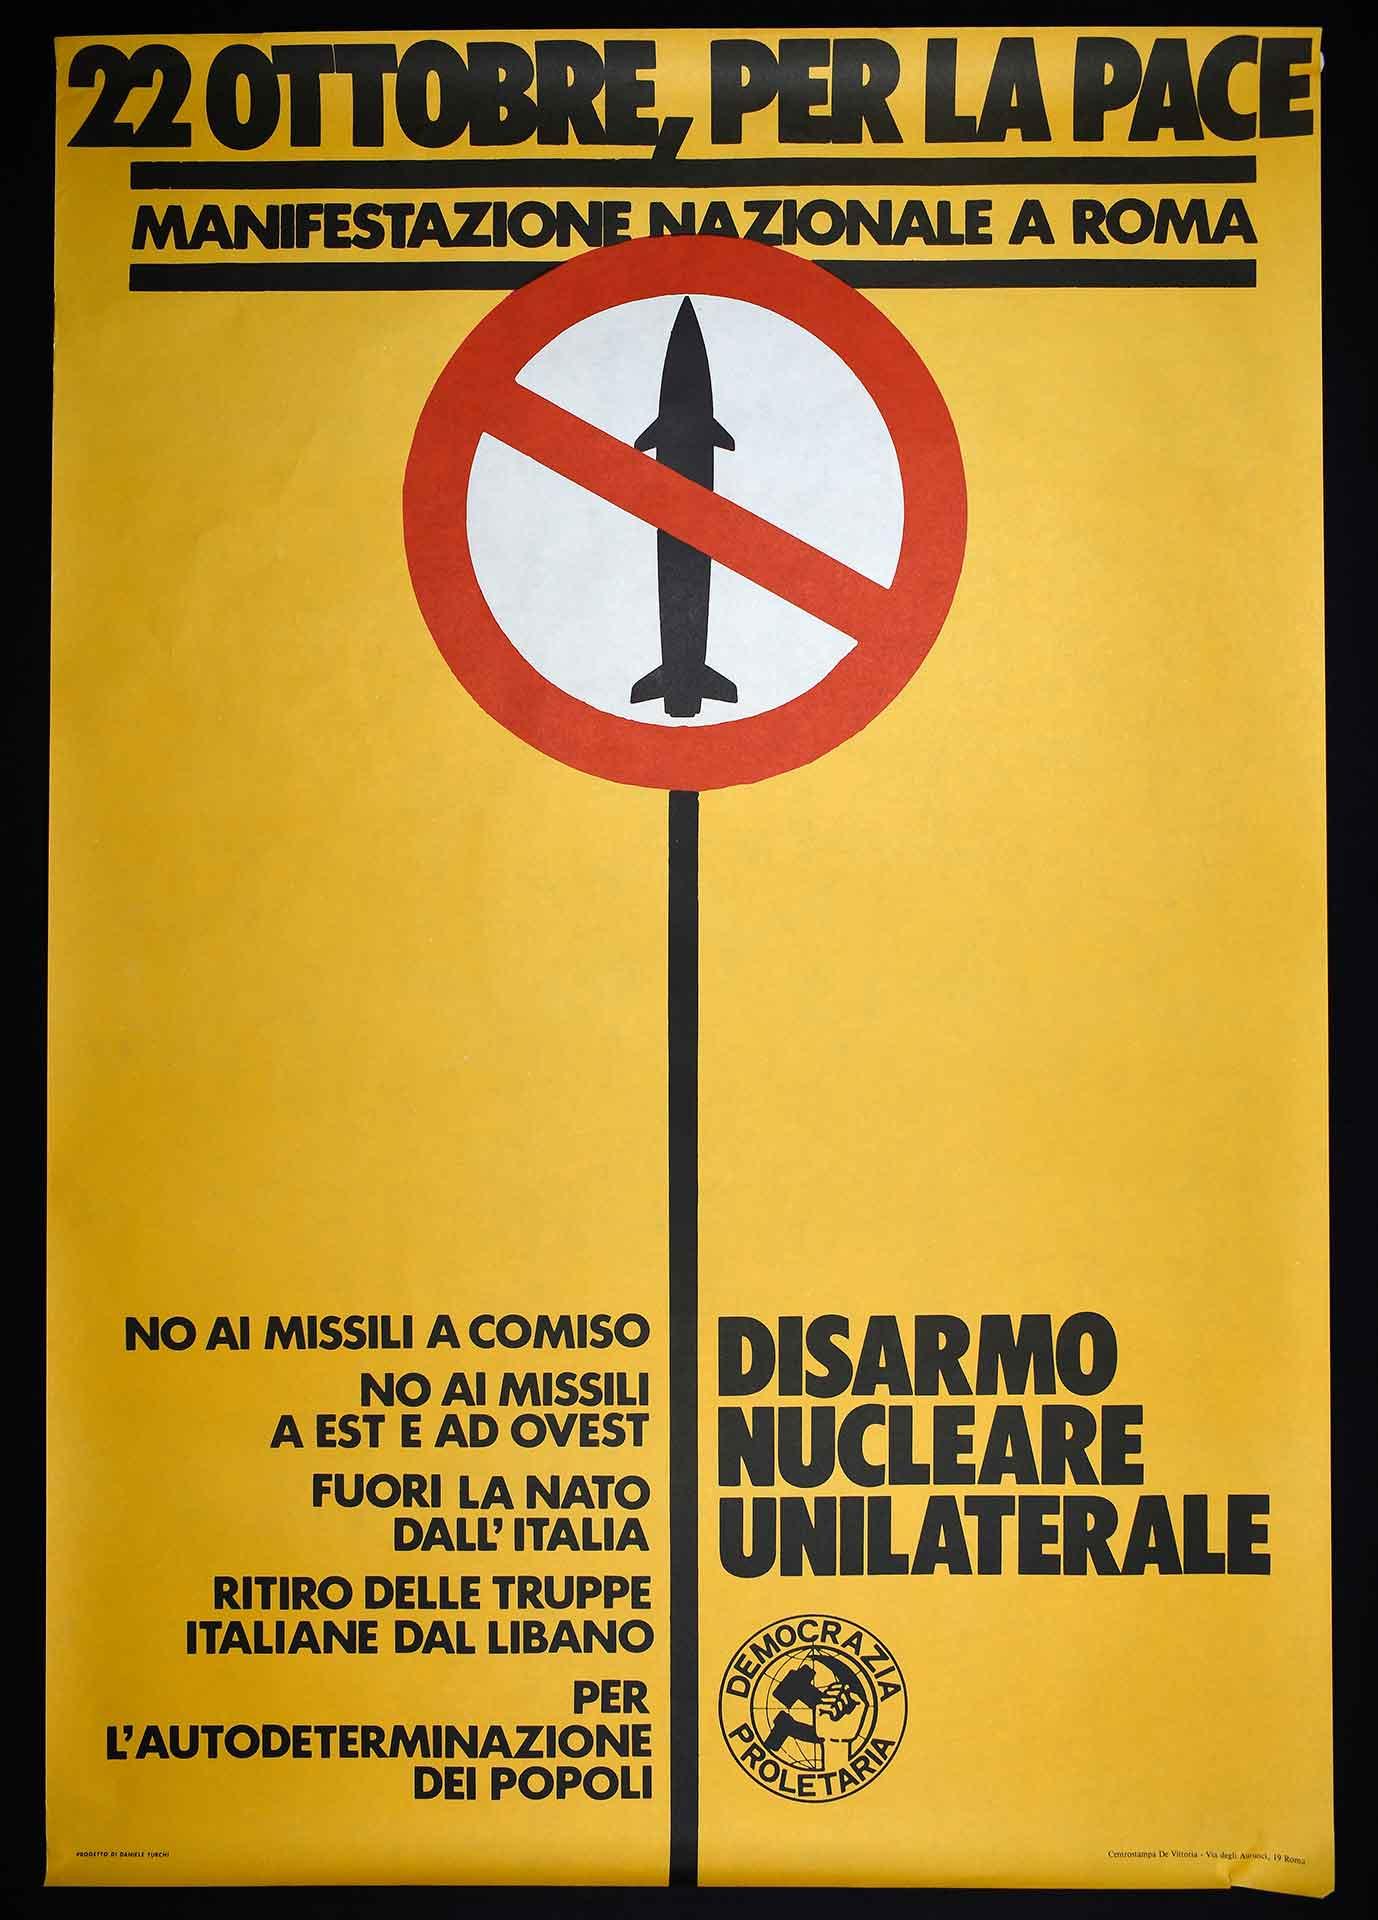 Democrazia Proletaria (DP) per la manifestazione nazionale pacifista di Roma del 22 ottobre 1983. Stampa Centrostampa De Vittoria, Roma. Progetto di D. Turchi. Movimento pacifista.